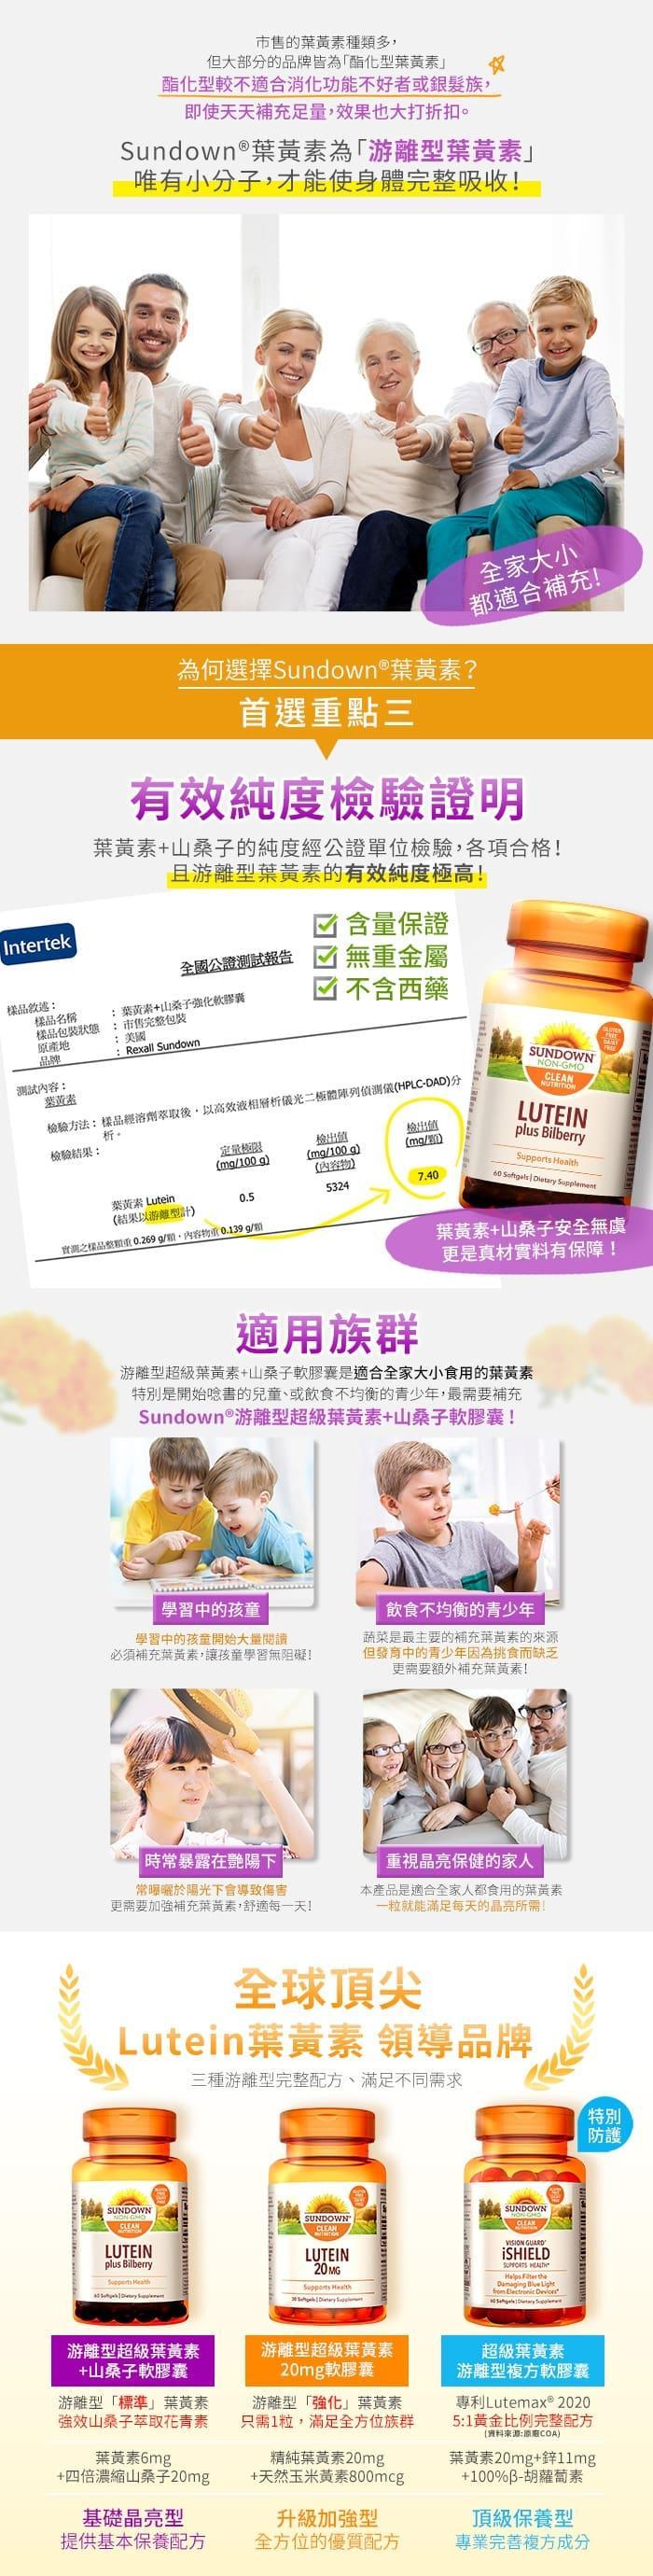 Sundown日落恩賜 游離型超級葉黃素+山桑子軟膠囊(60粒X3瓶)產品資訊